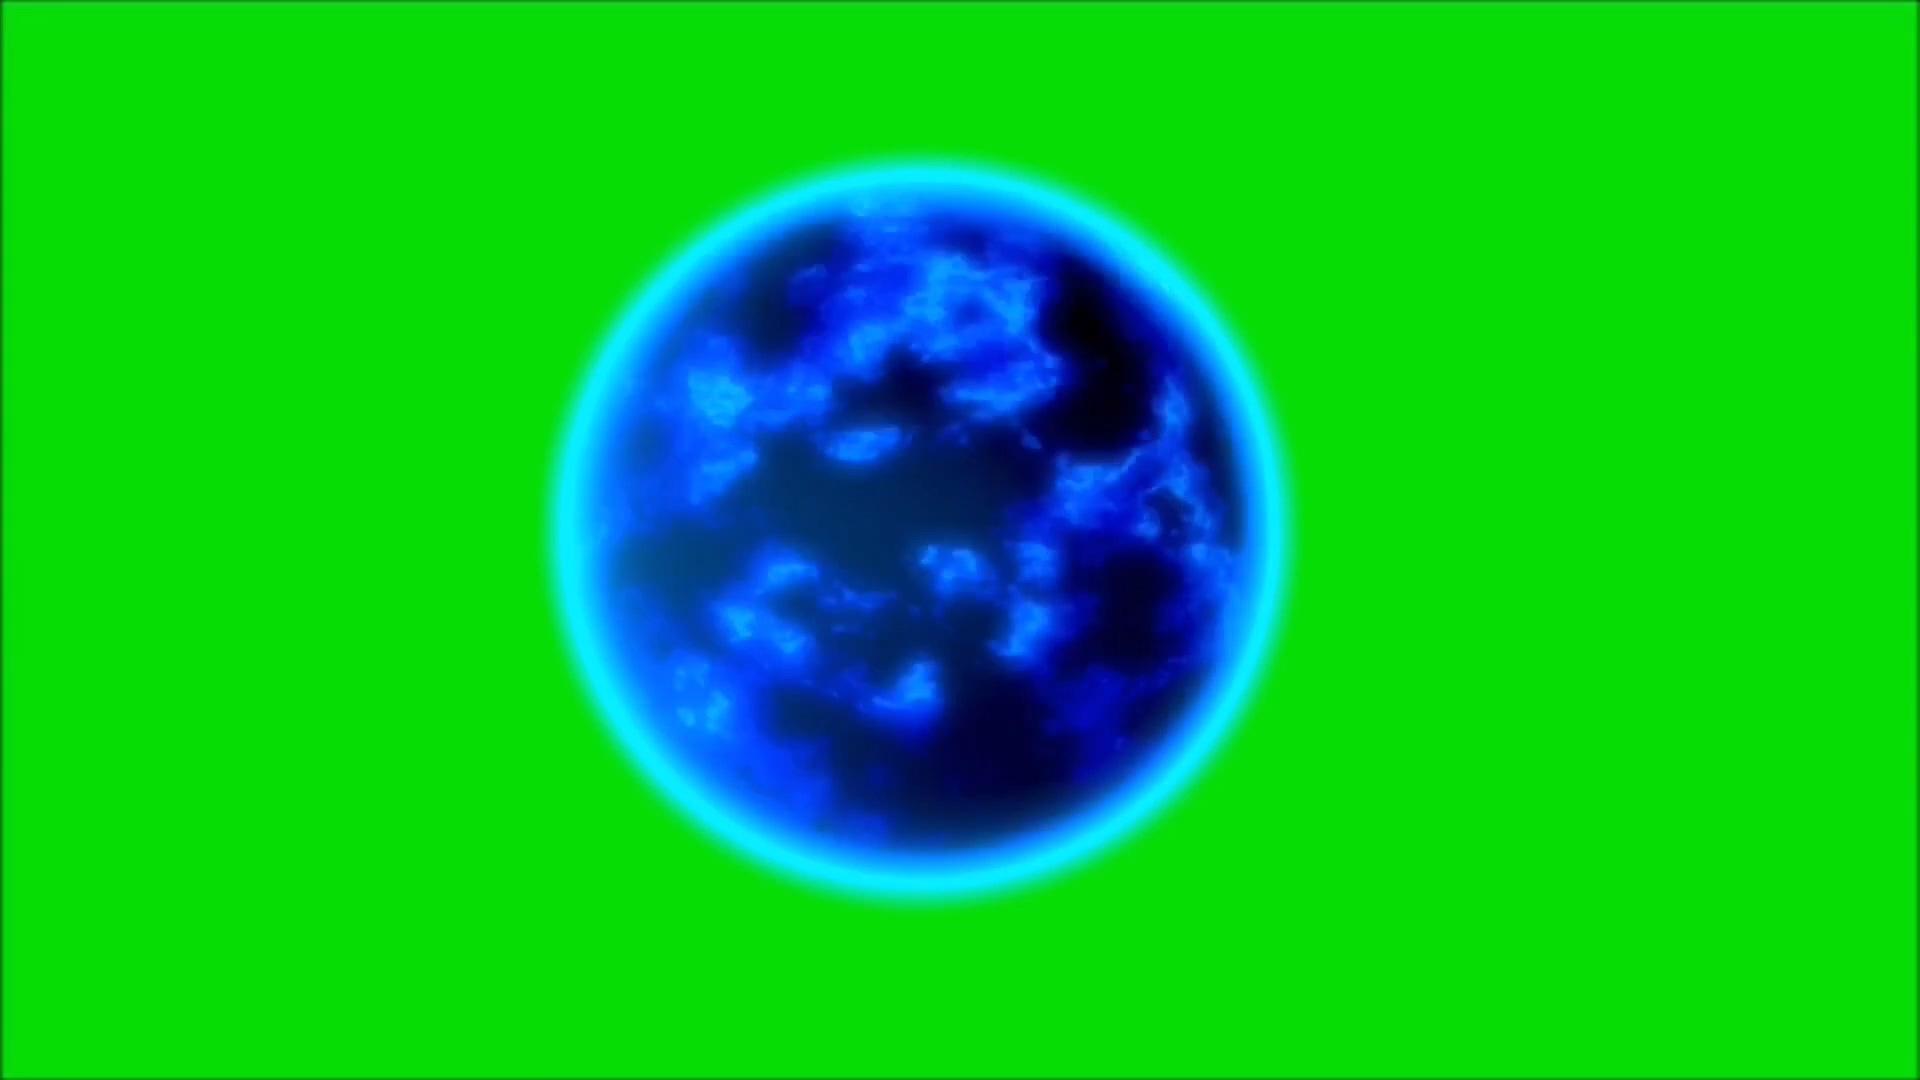 绿屏抠像能量球